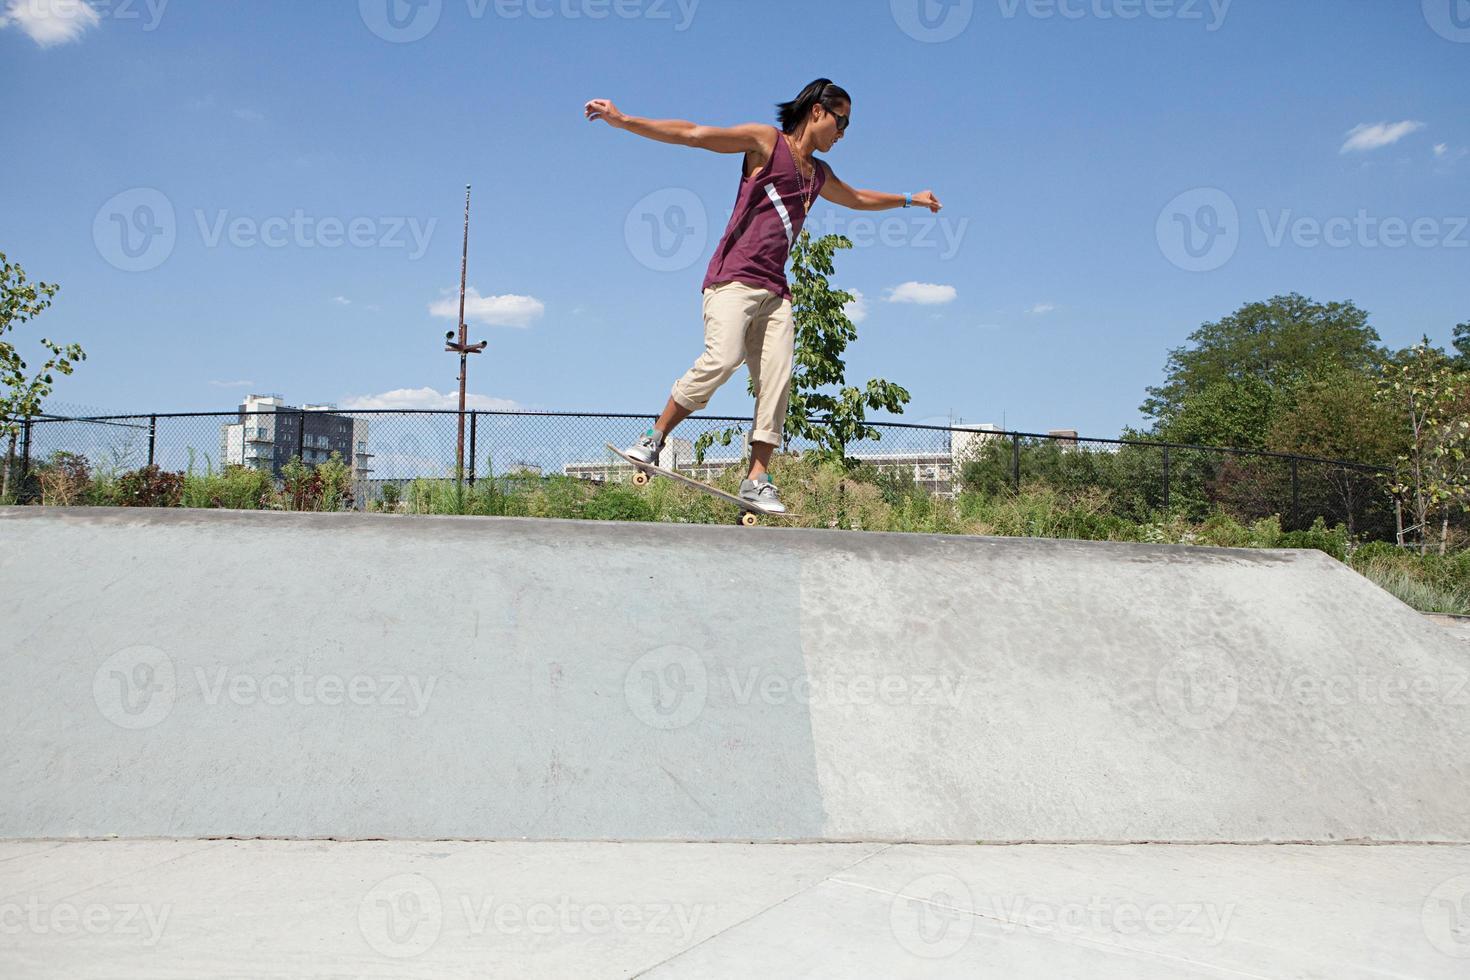 skateur sur rampe au skate park photo